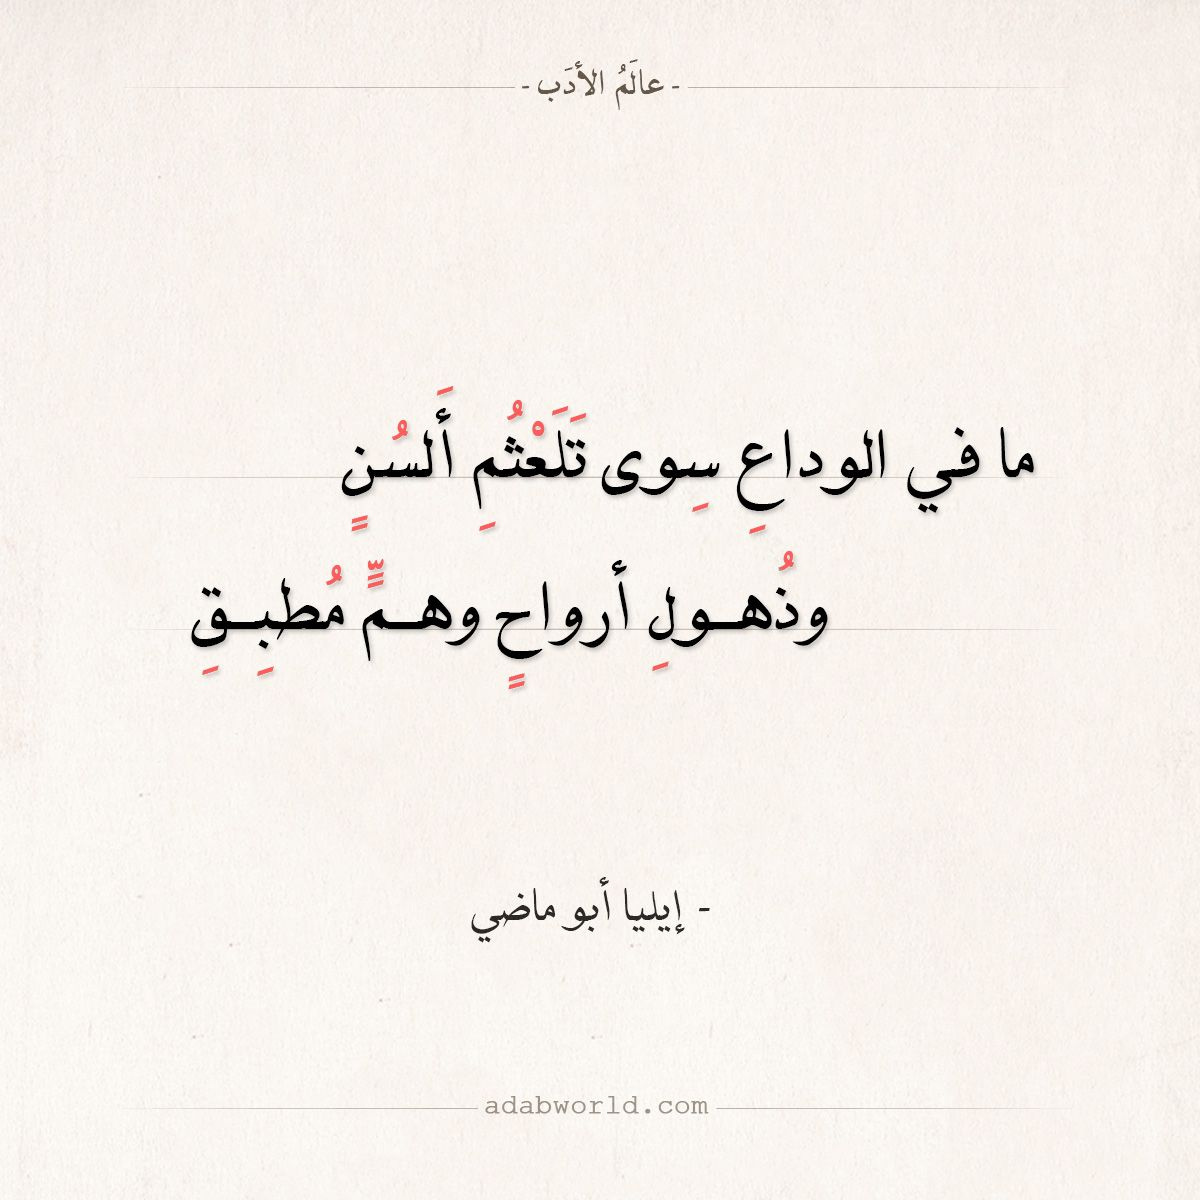 شعر إيليا أبو ماضي ما في الوداع سوى تلعثم ألسن عالم الأدب Words Quotes Beautiful Arabic Words Quotes